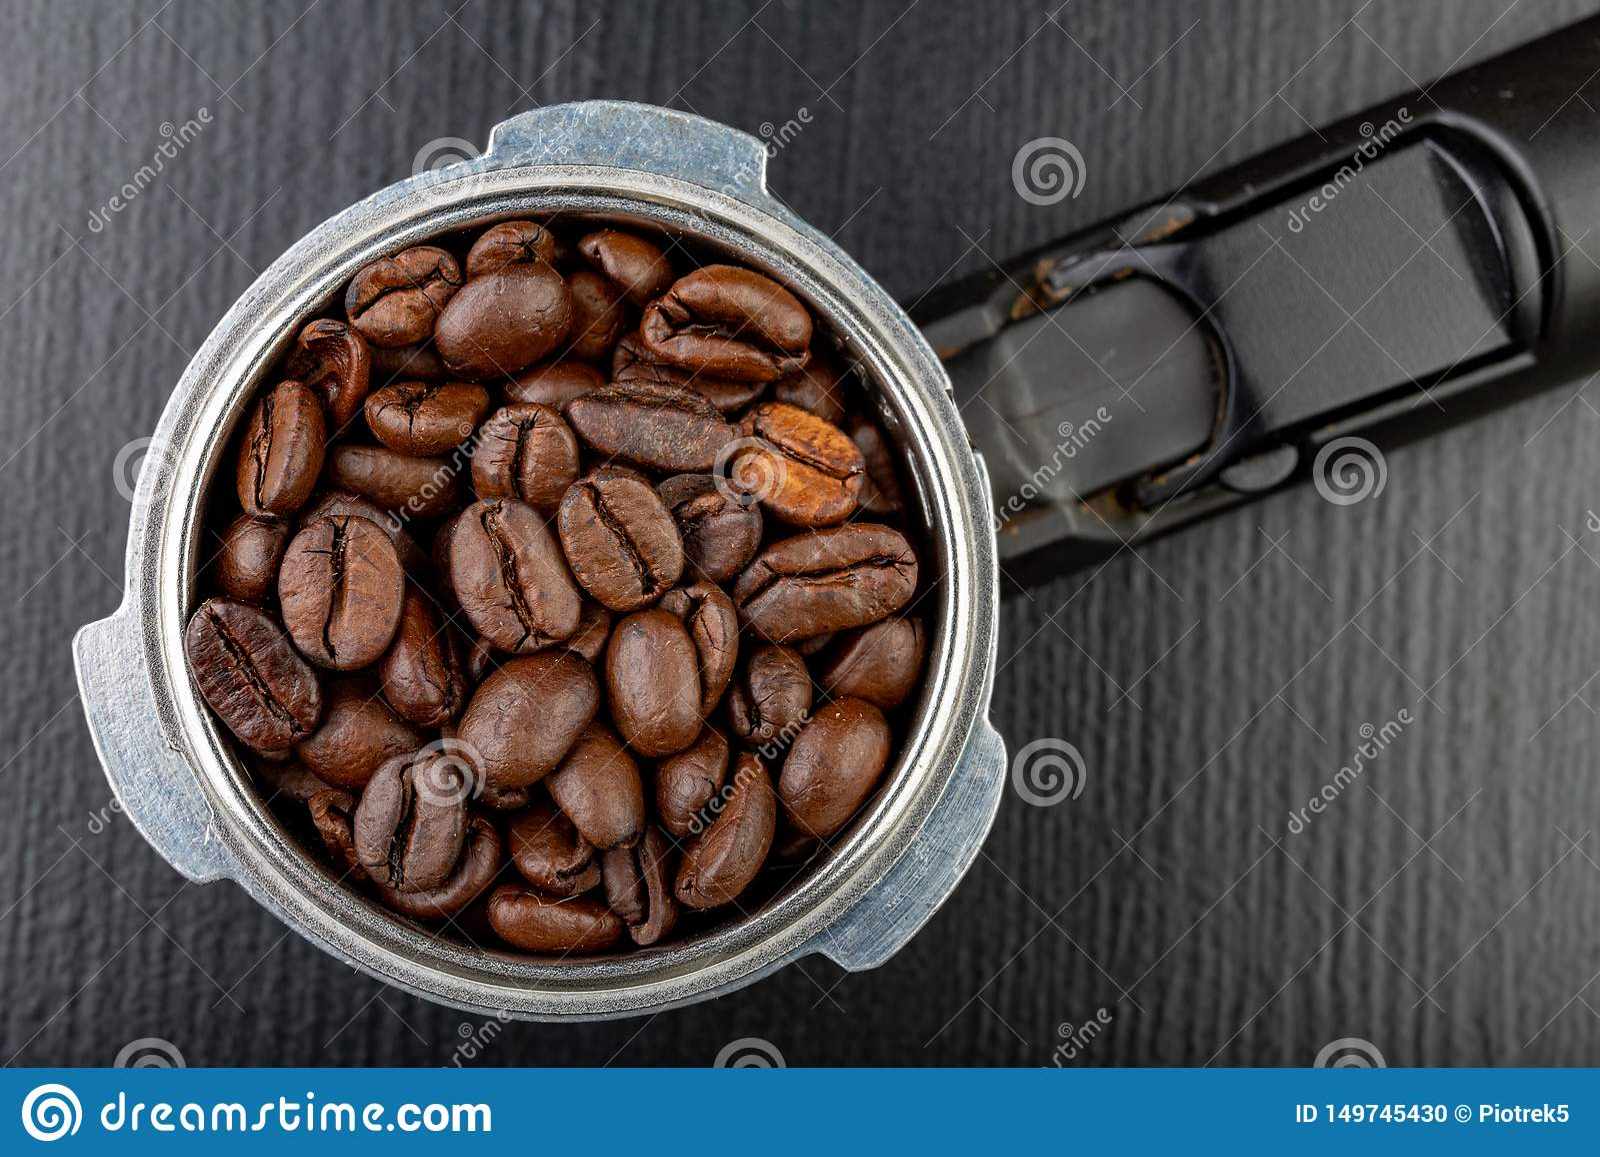 Grains de café rôtis noirs et un flacon de machine de café Accessoires pour le café de brassage sur une table de cuisine noire